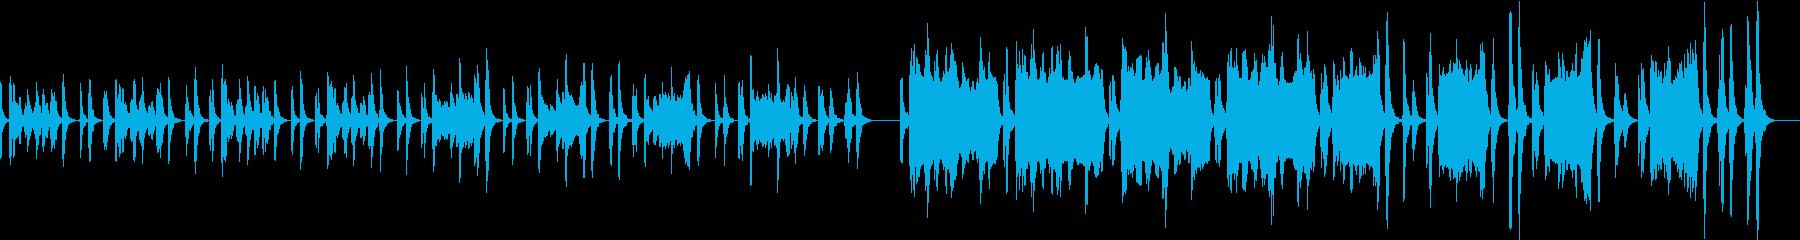 ほのぼの優雅なワルツ風ループBGM2の再生済みの波形